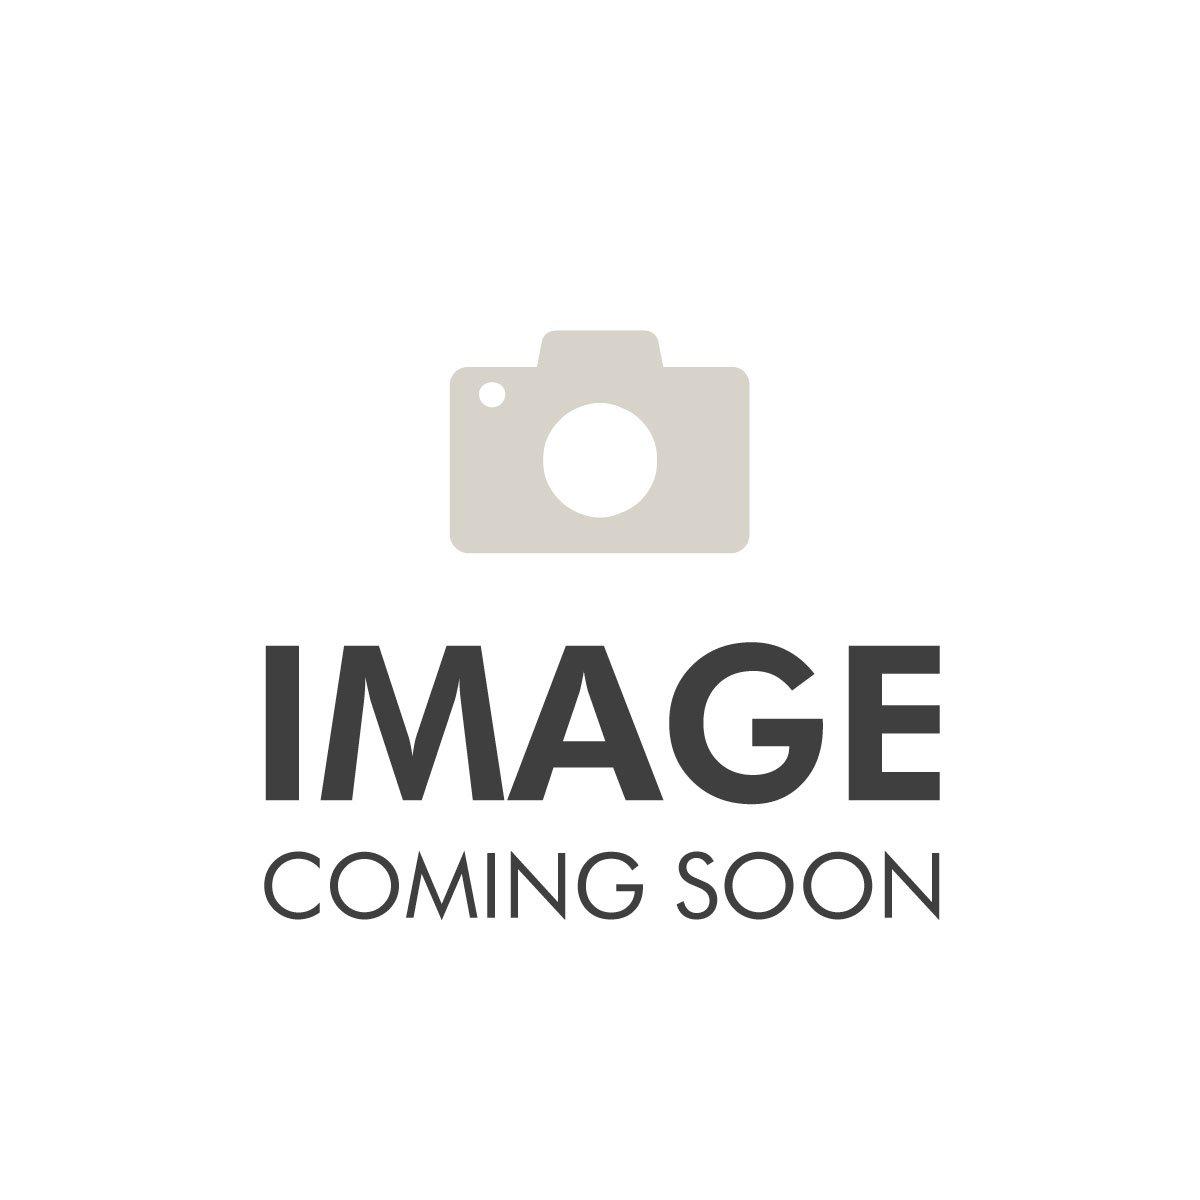 FWF - Vis de pointe de fleuret - Allemand (10-Pack)